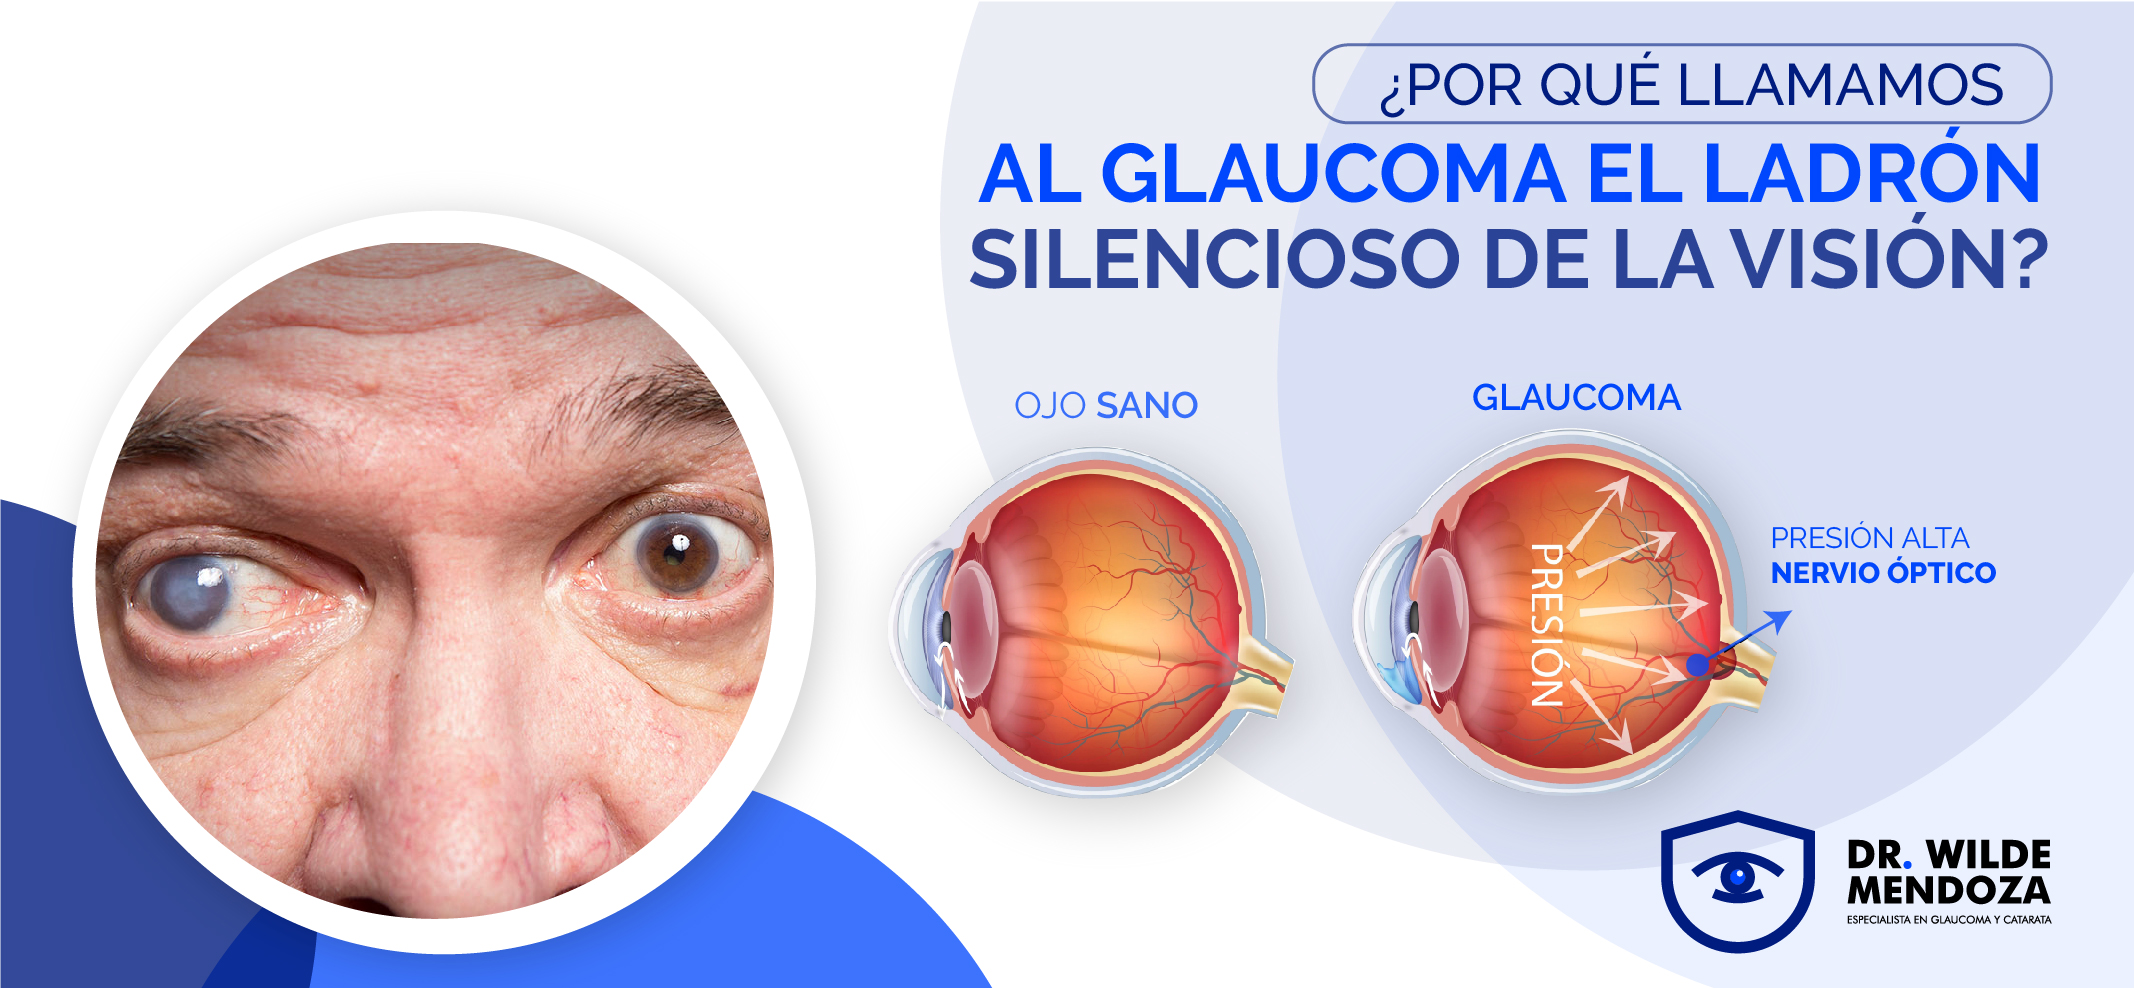 """Glaucoma: El """"Ladrón Silencioso de la Visión"""""""